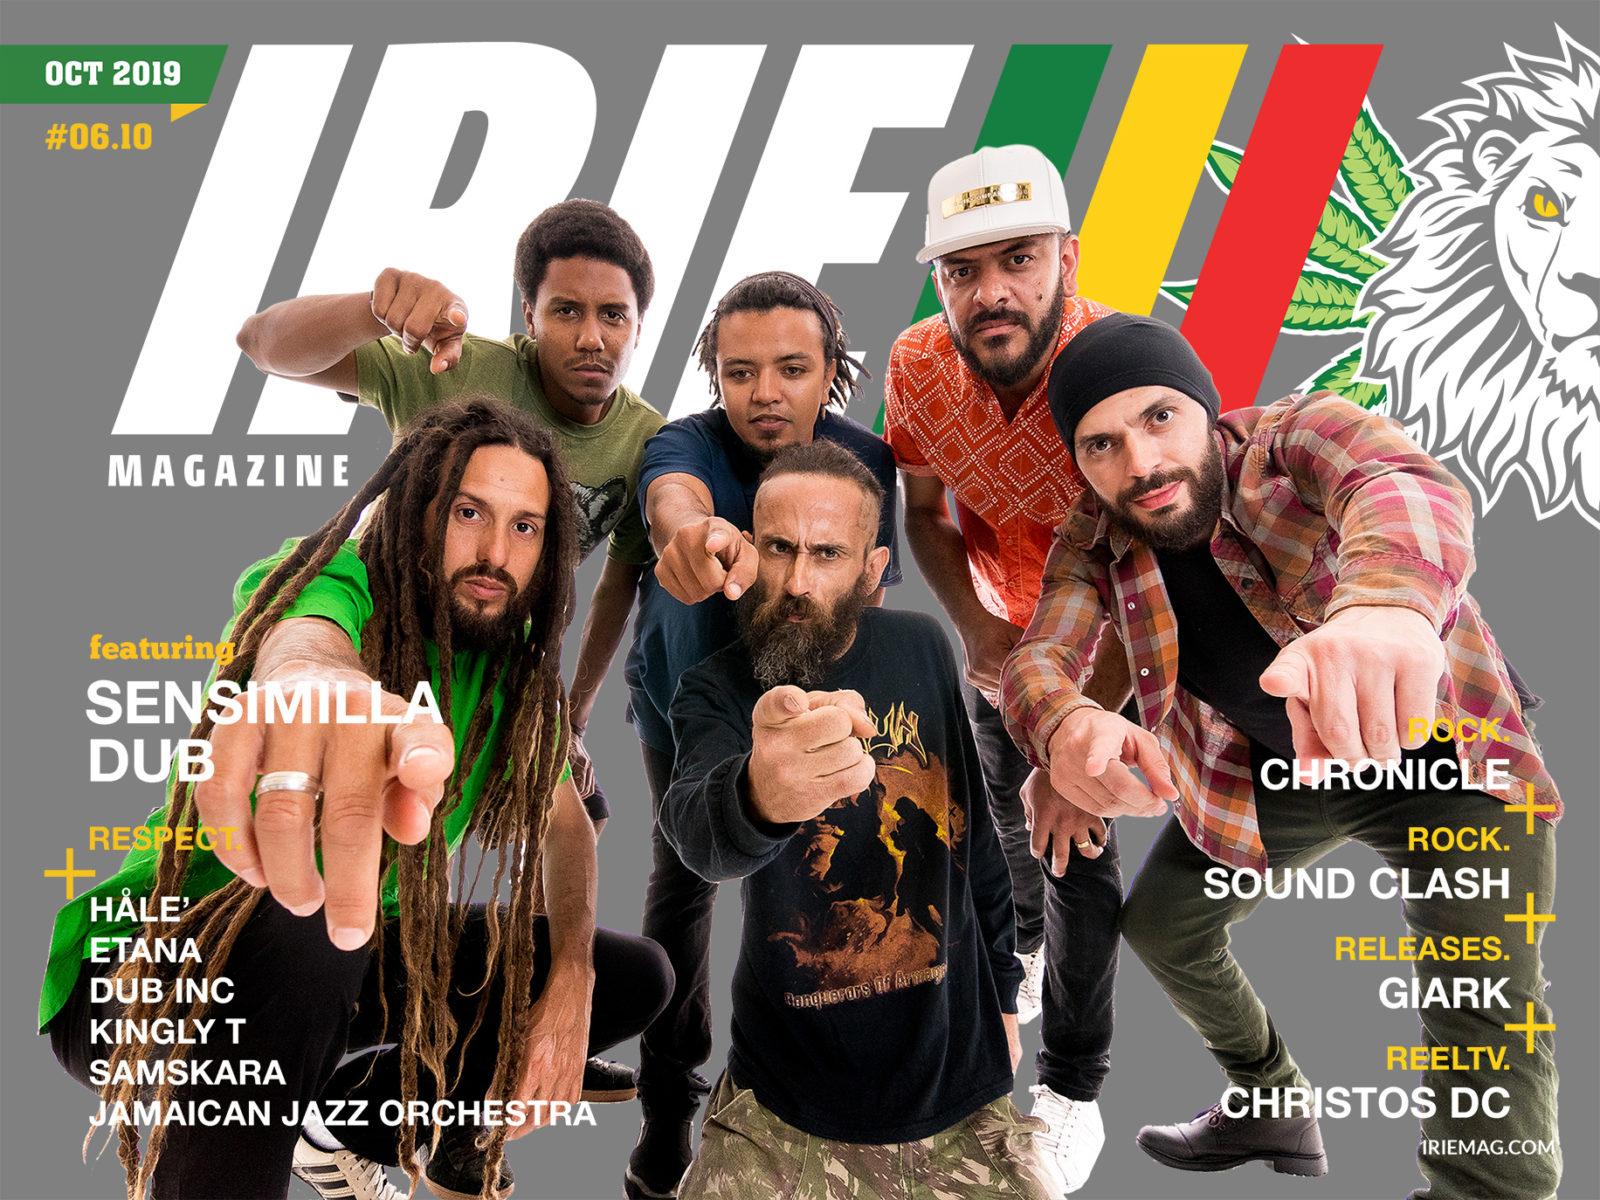 IRIE™ Magazine | October 2019 featuring Sensimilla Dub